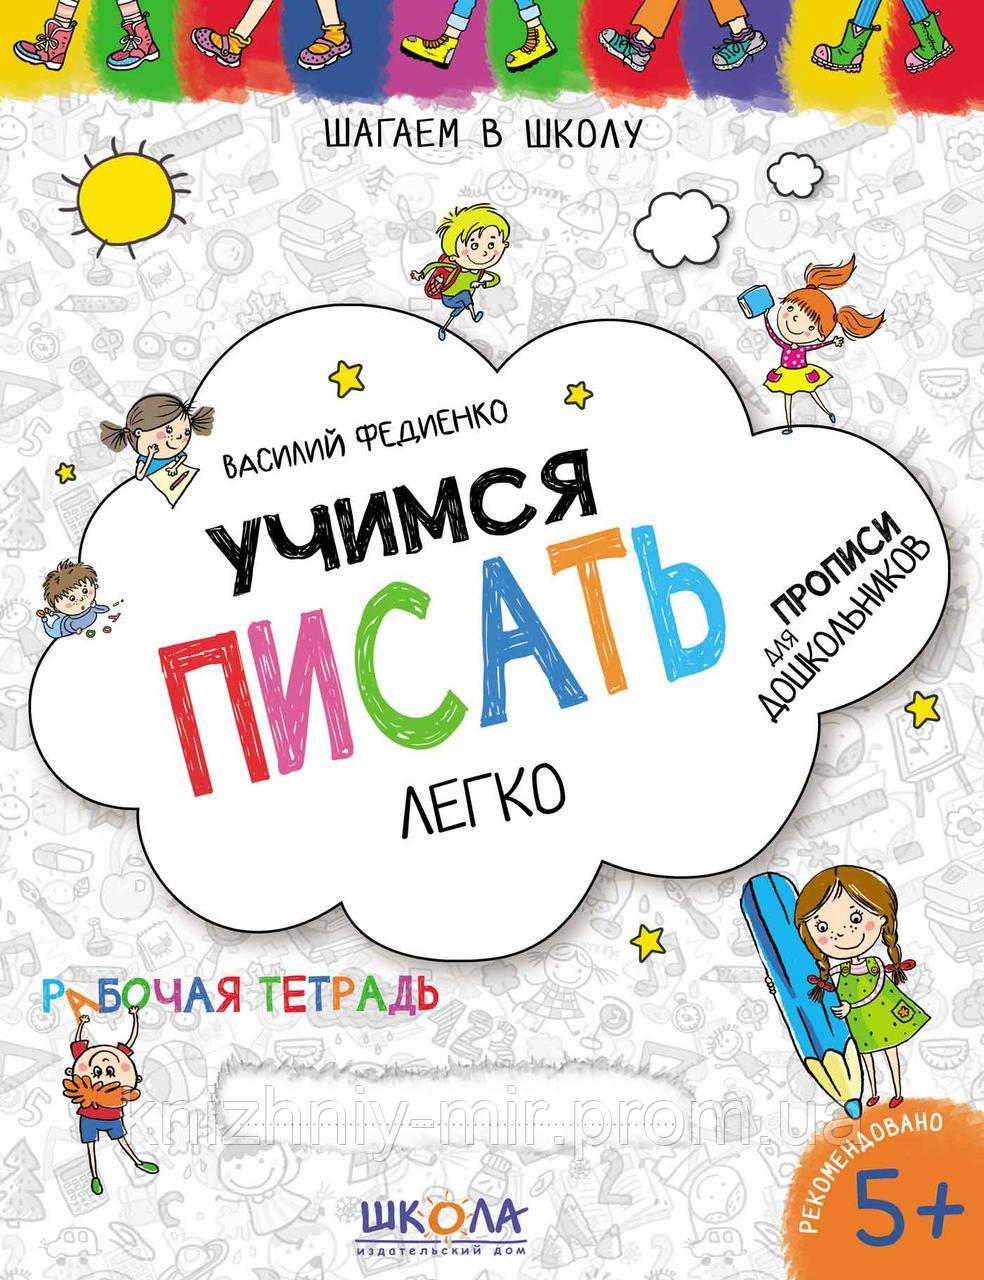 Вчимось писати легко (російською мовою). Синя графічна сітка